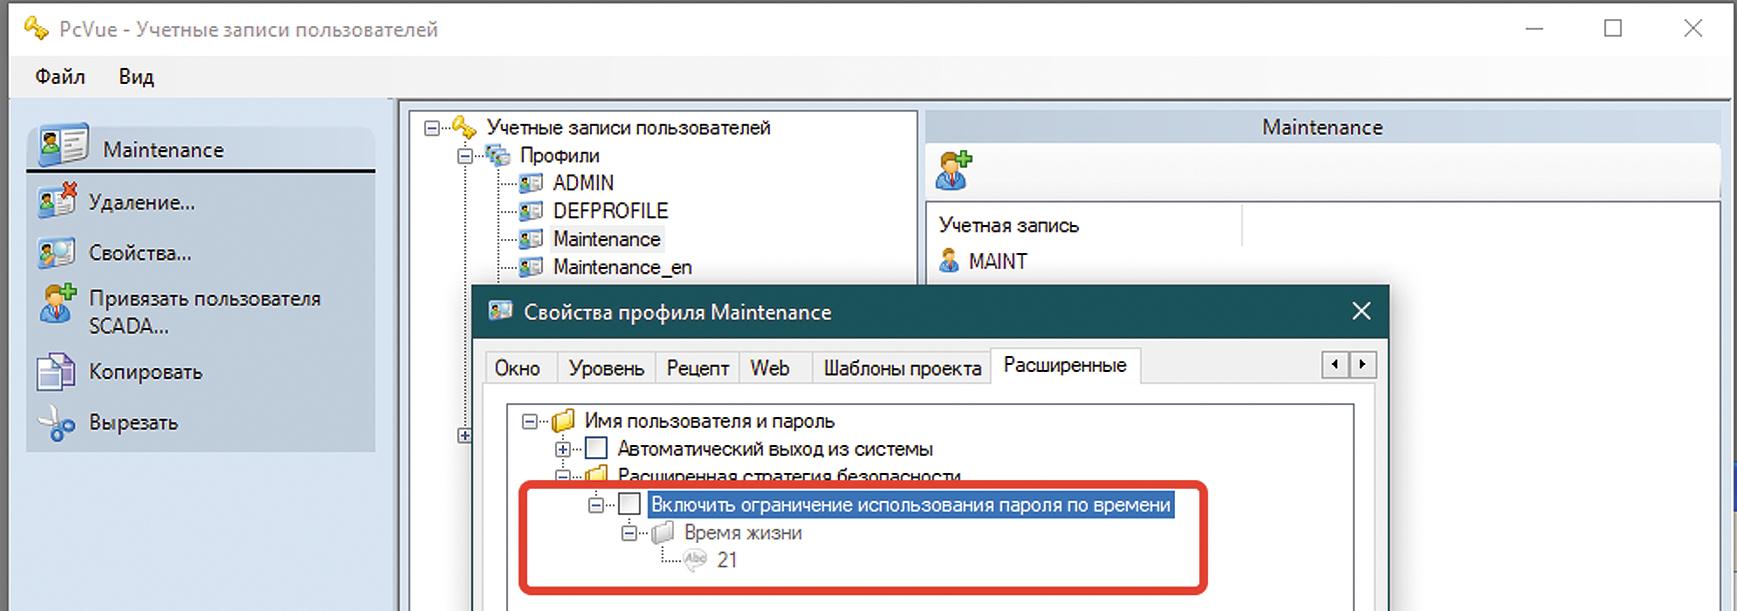 Пример окна, позволяющего установить ограничение срока службы пароля в PcVue 12